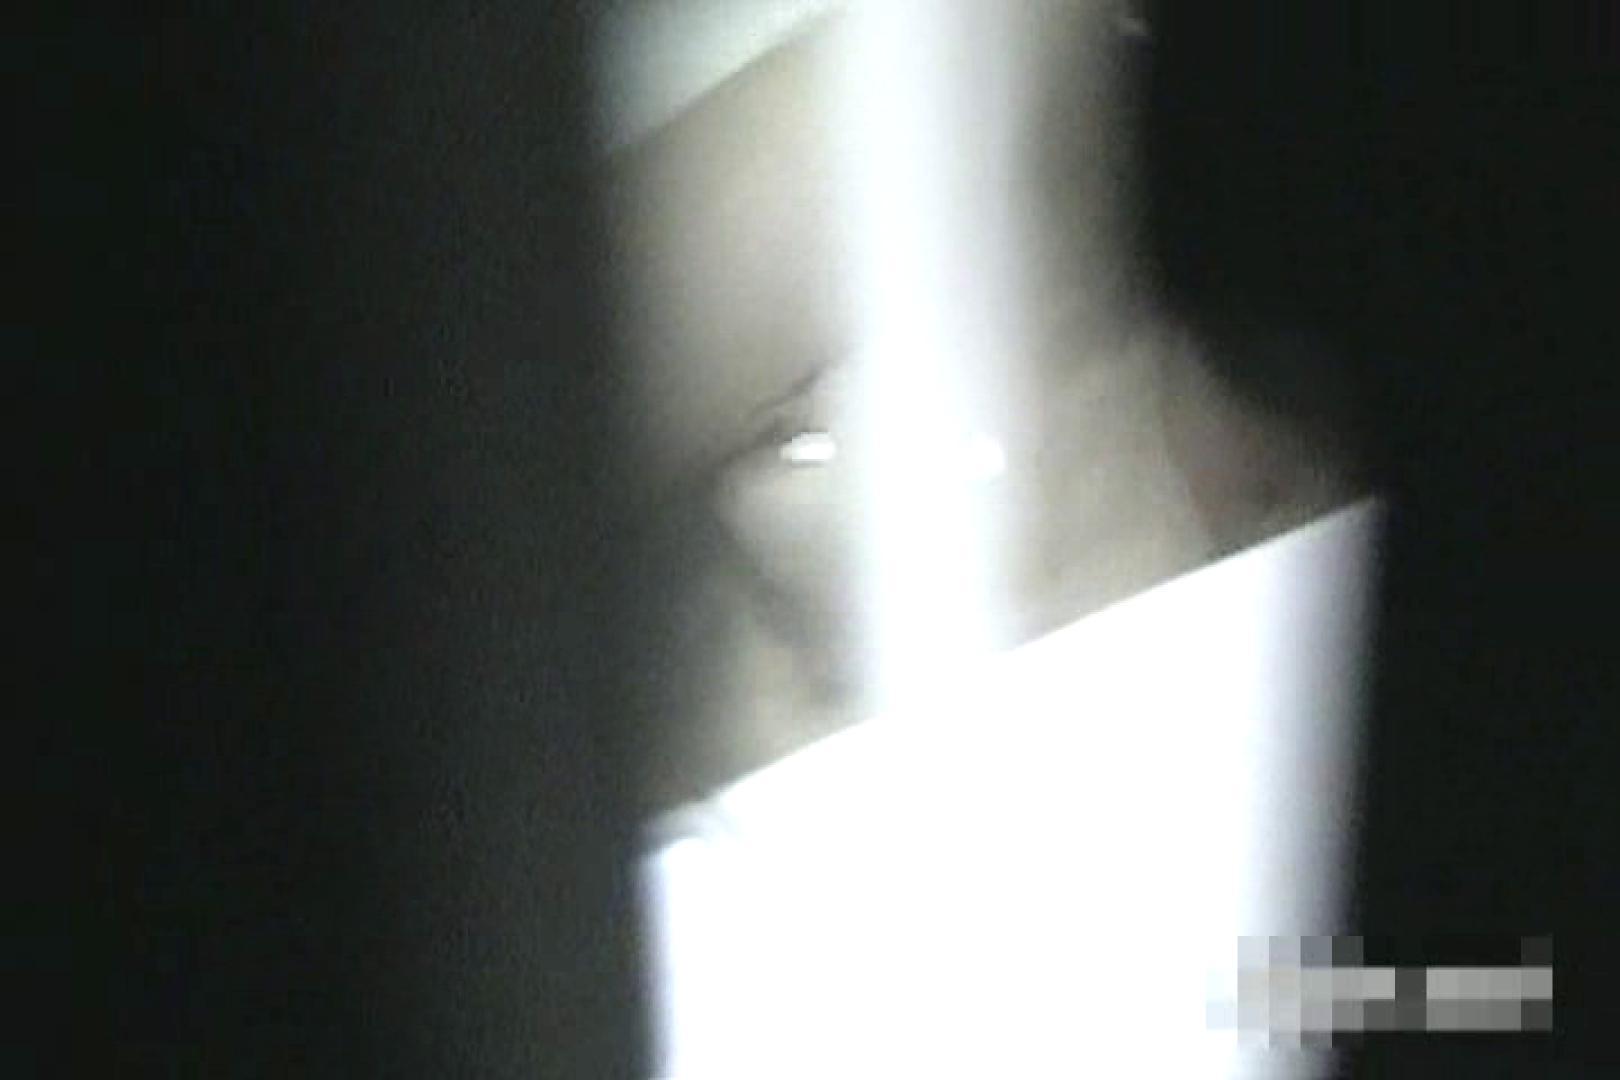 激撮ストーカー記録あなたのお宅拝見しますVol.4 エッチなセックス ぱこり動画紹介 82画像 72